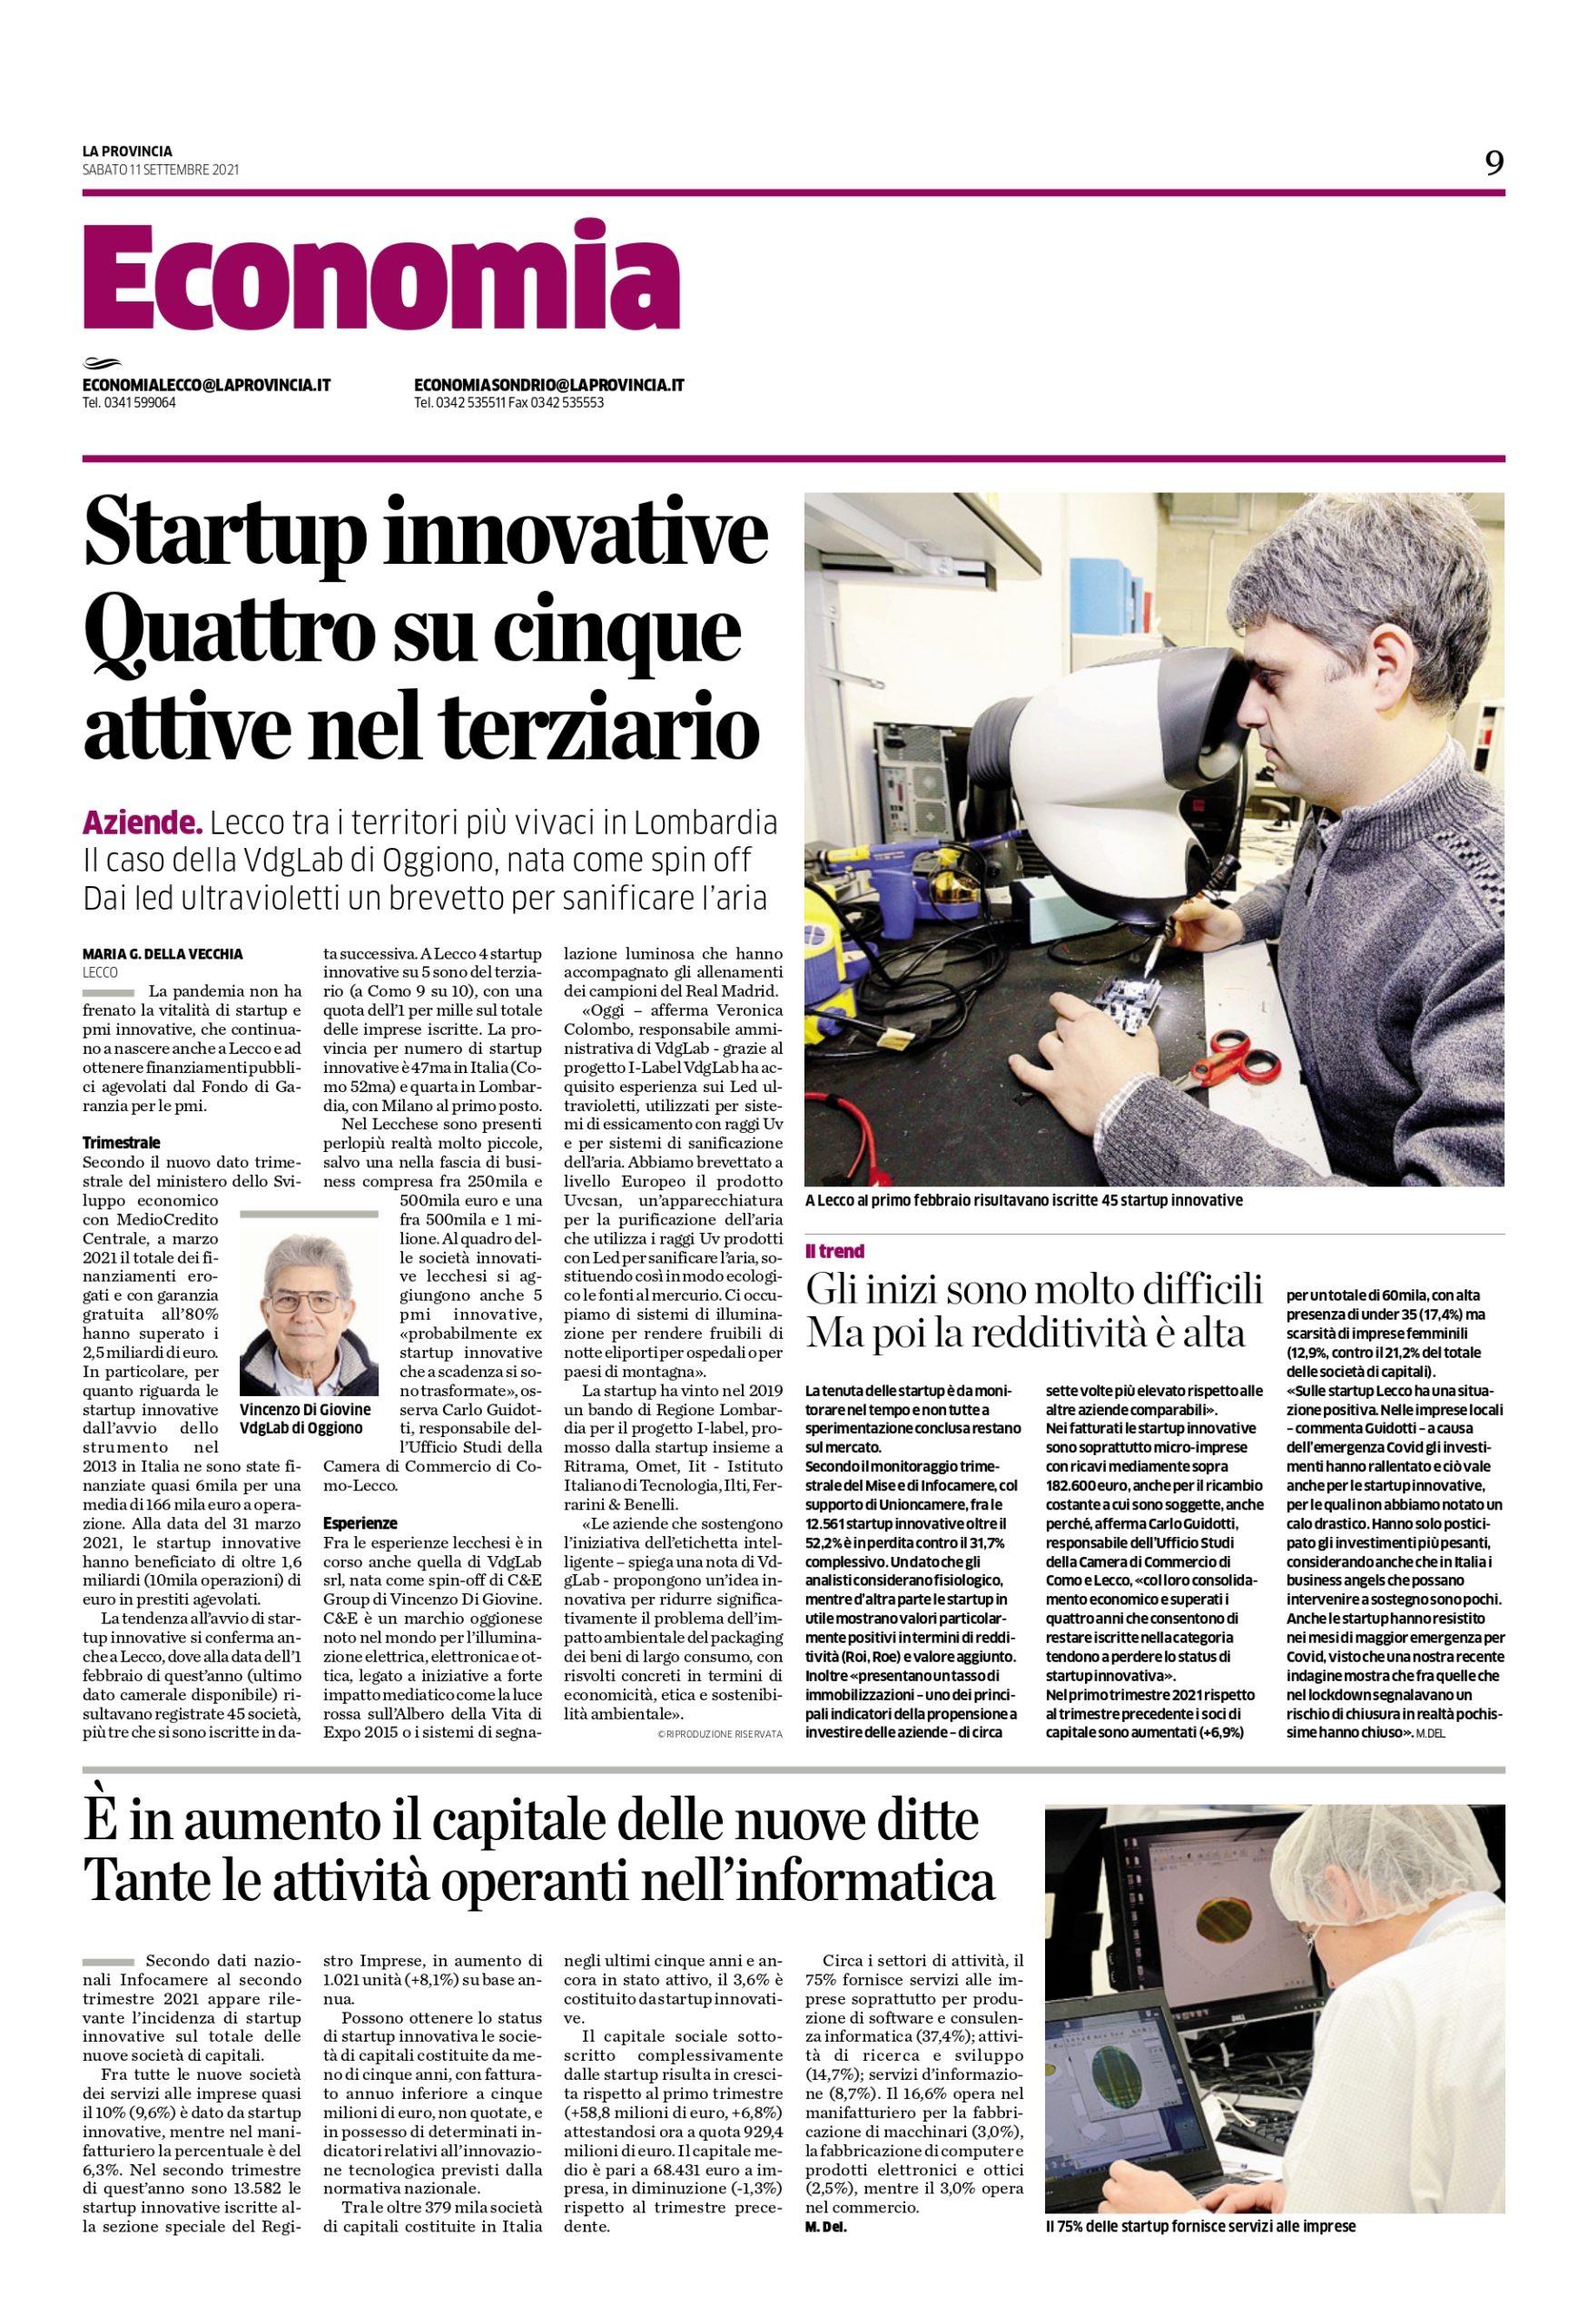 Startup innovative: quattro su cinque attive nel terziario